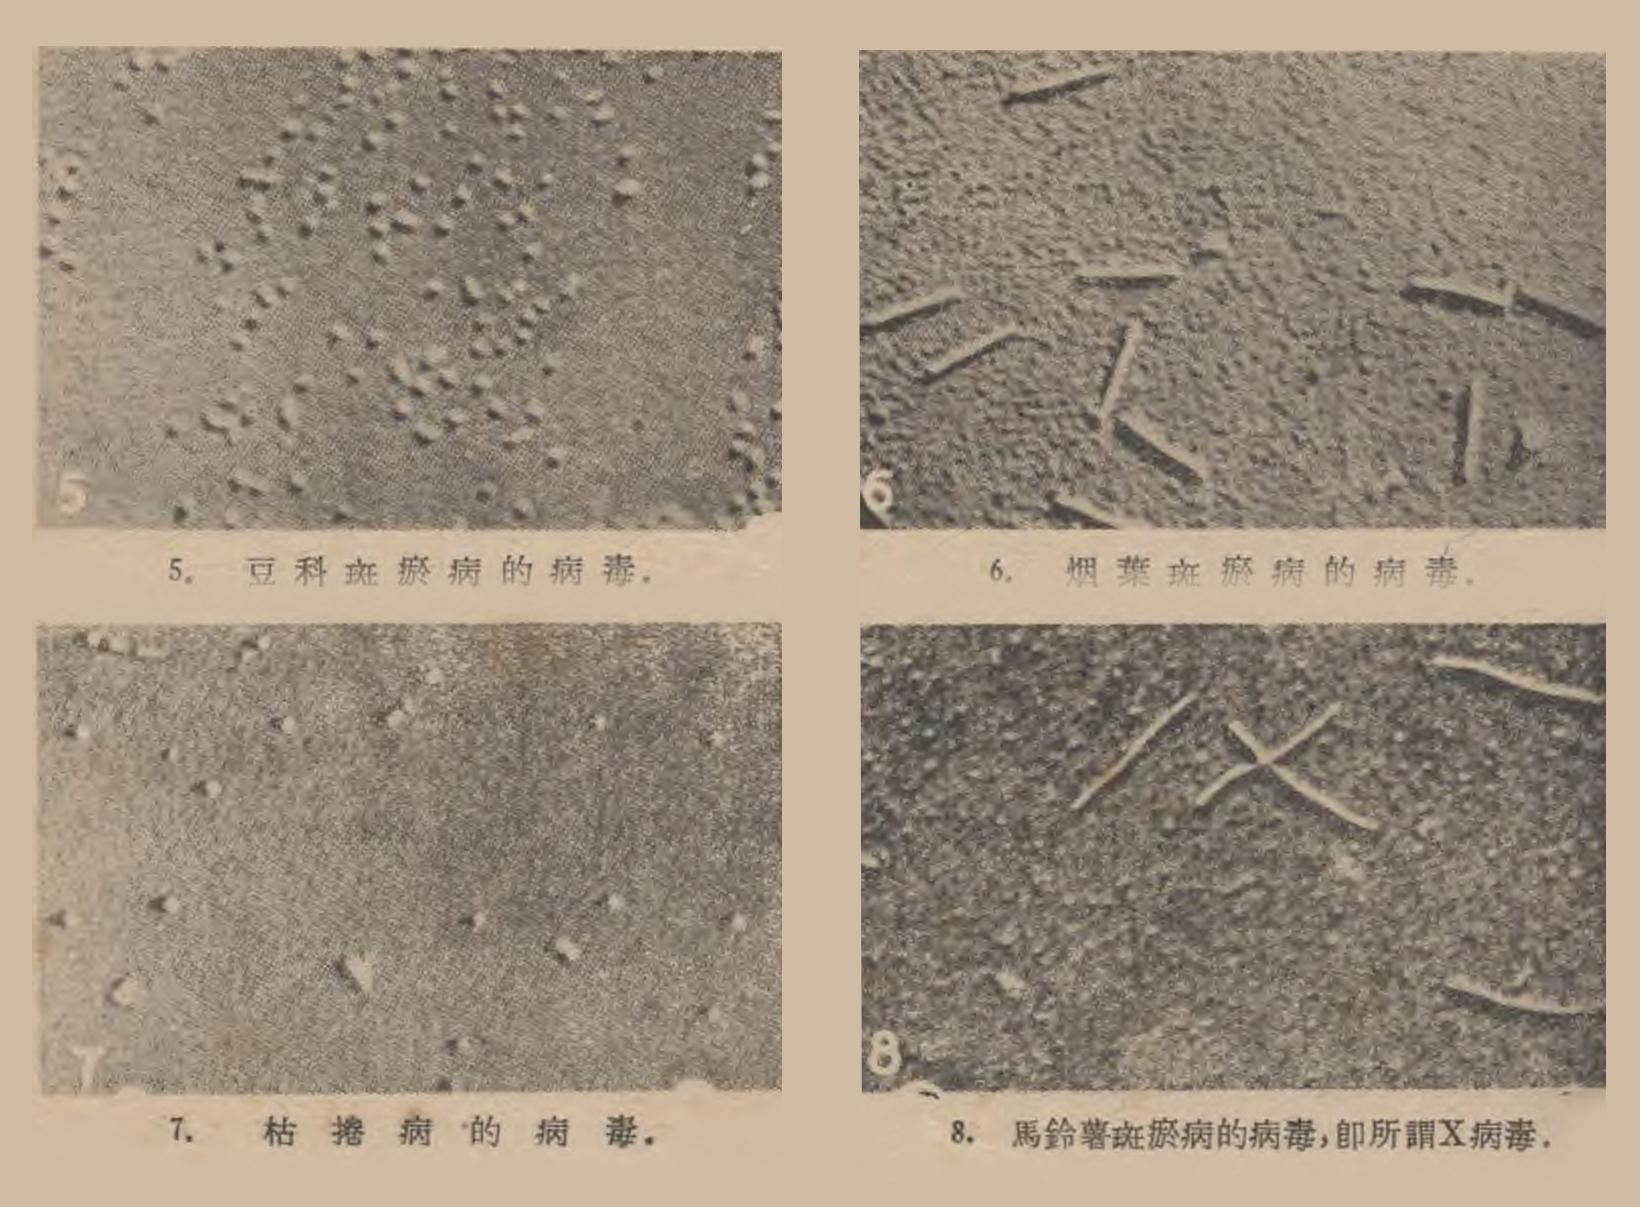 再談濾過性病毒:6.煙葉斑瘀病的病毒:[照片] 《科學畫報》1949 年第 15 卷 第 11 期,384 頁